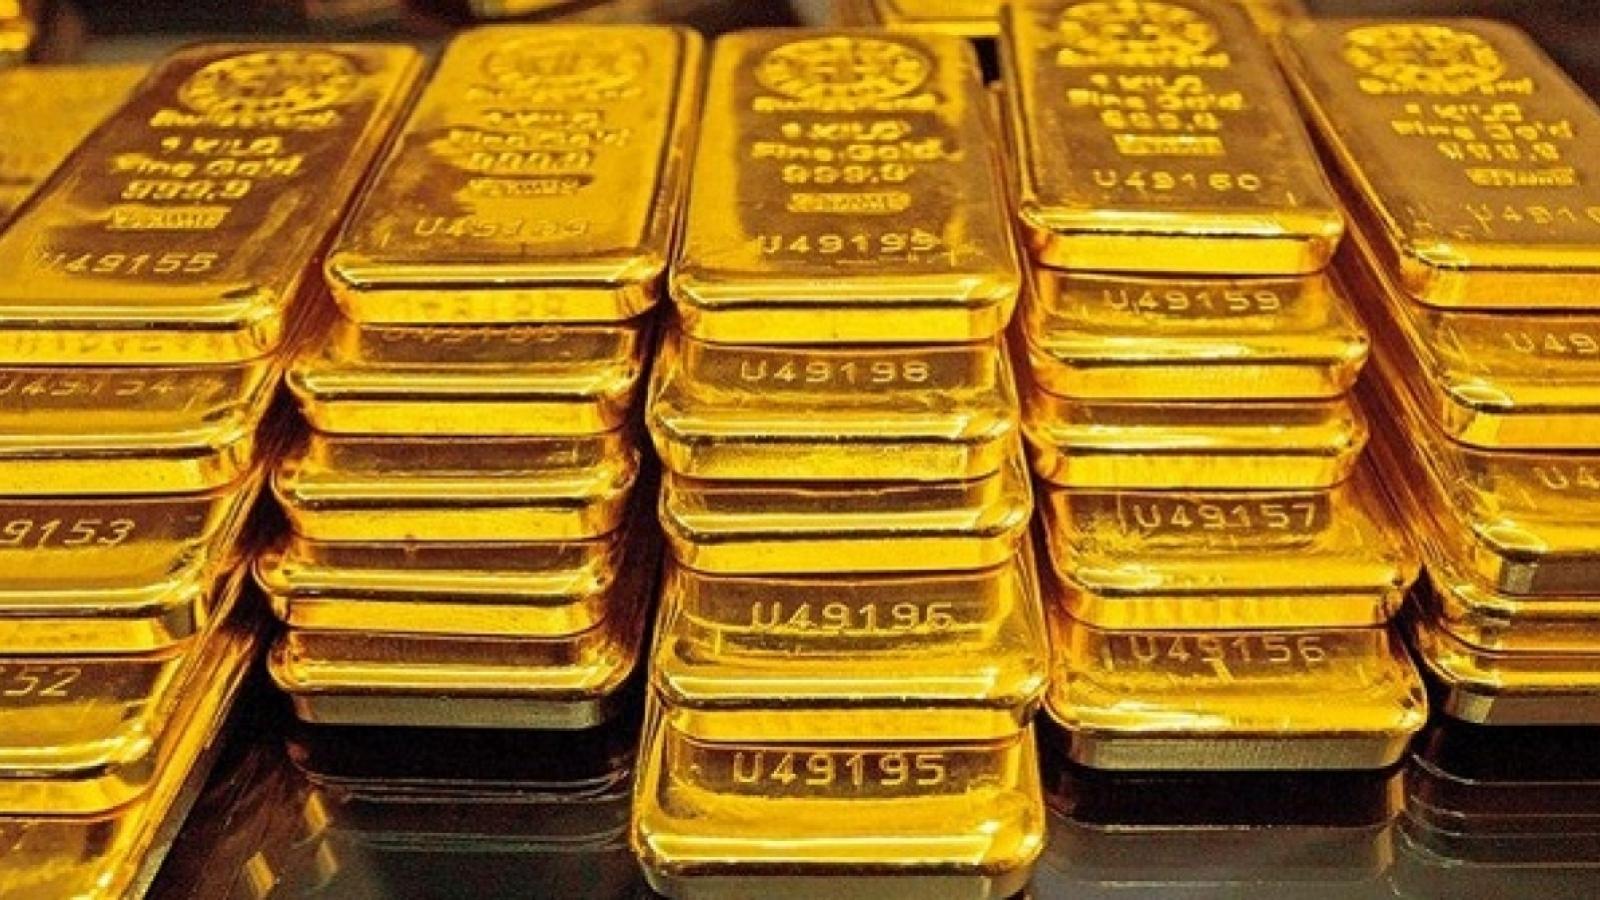 Giá bán vàng SJC đắt hơn vàng thế giới gần 9 triệu đồng/lượng